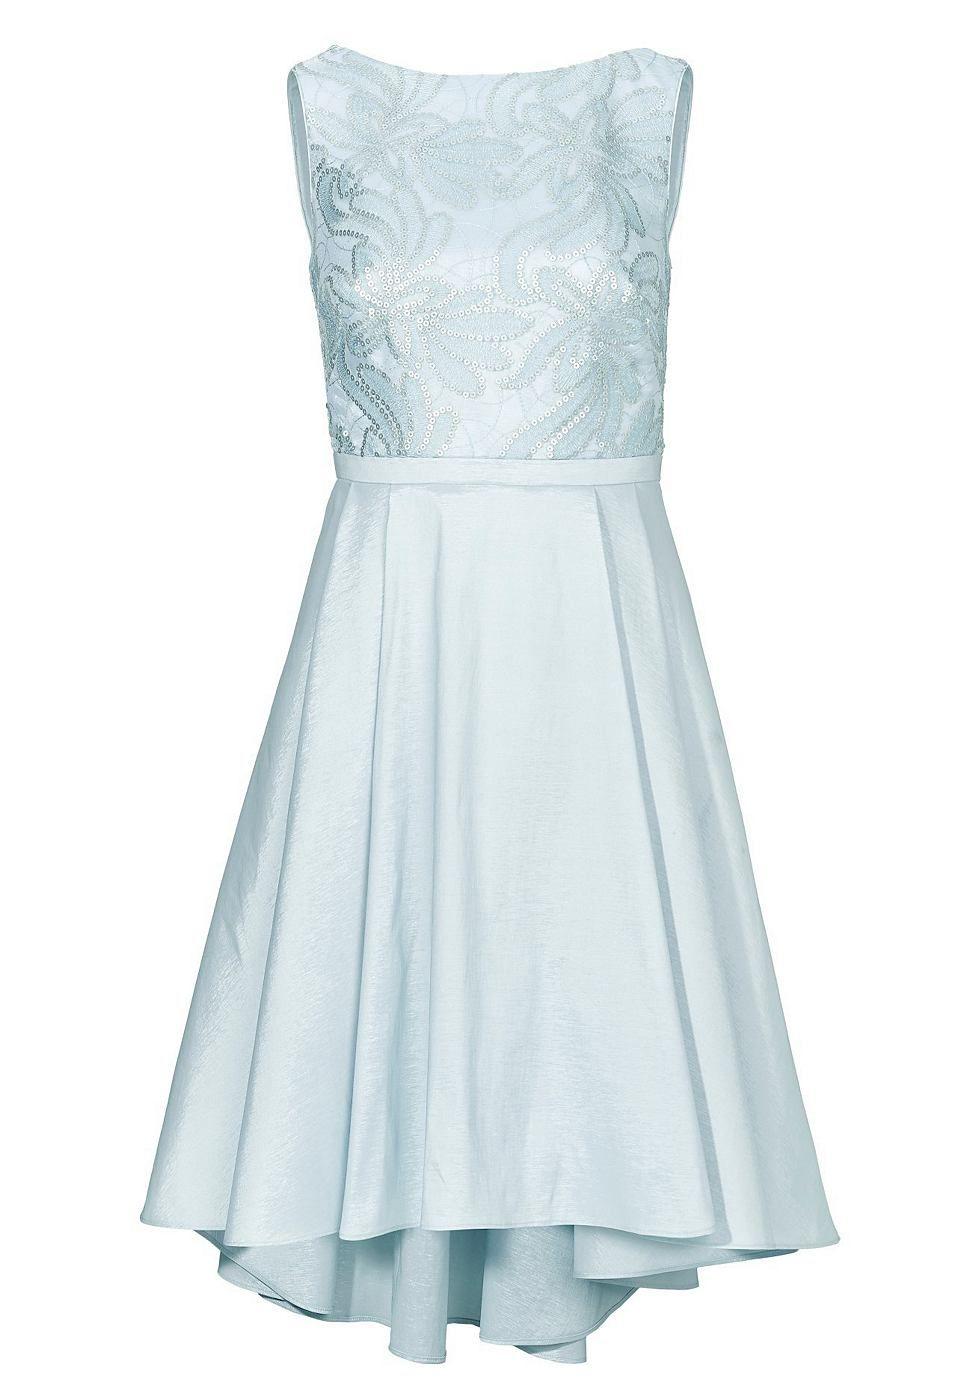 APART Taftkleid online kaufen  OTTO  Kleider, Ausgestellte röcke